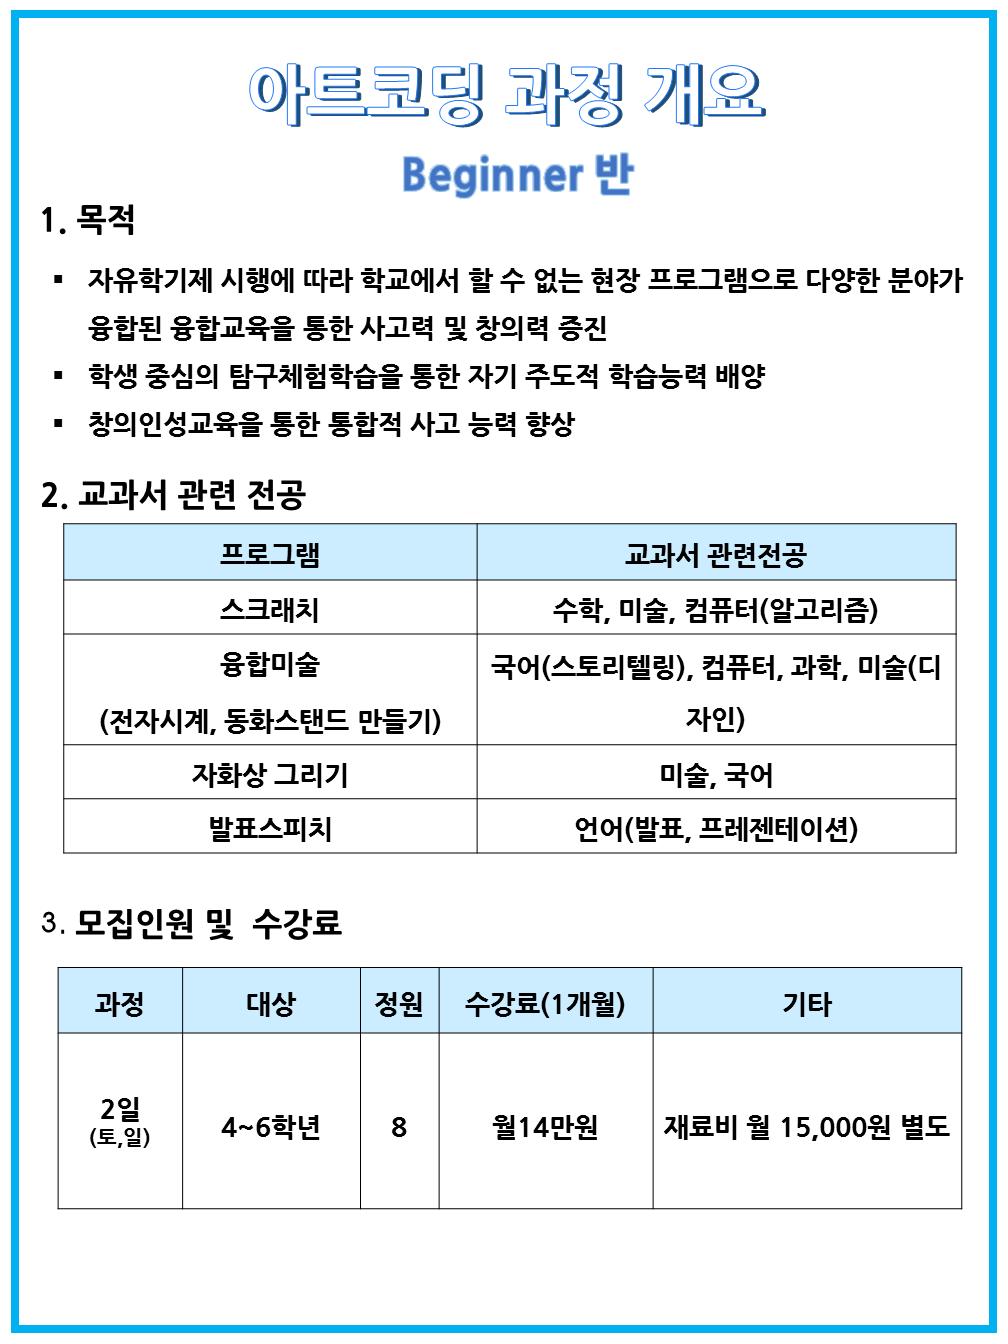 2017아트코딩수업개요 및 일정_주니어 (3).png